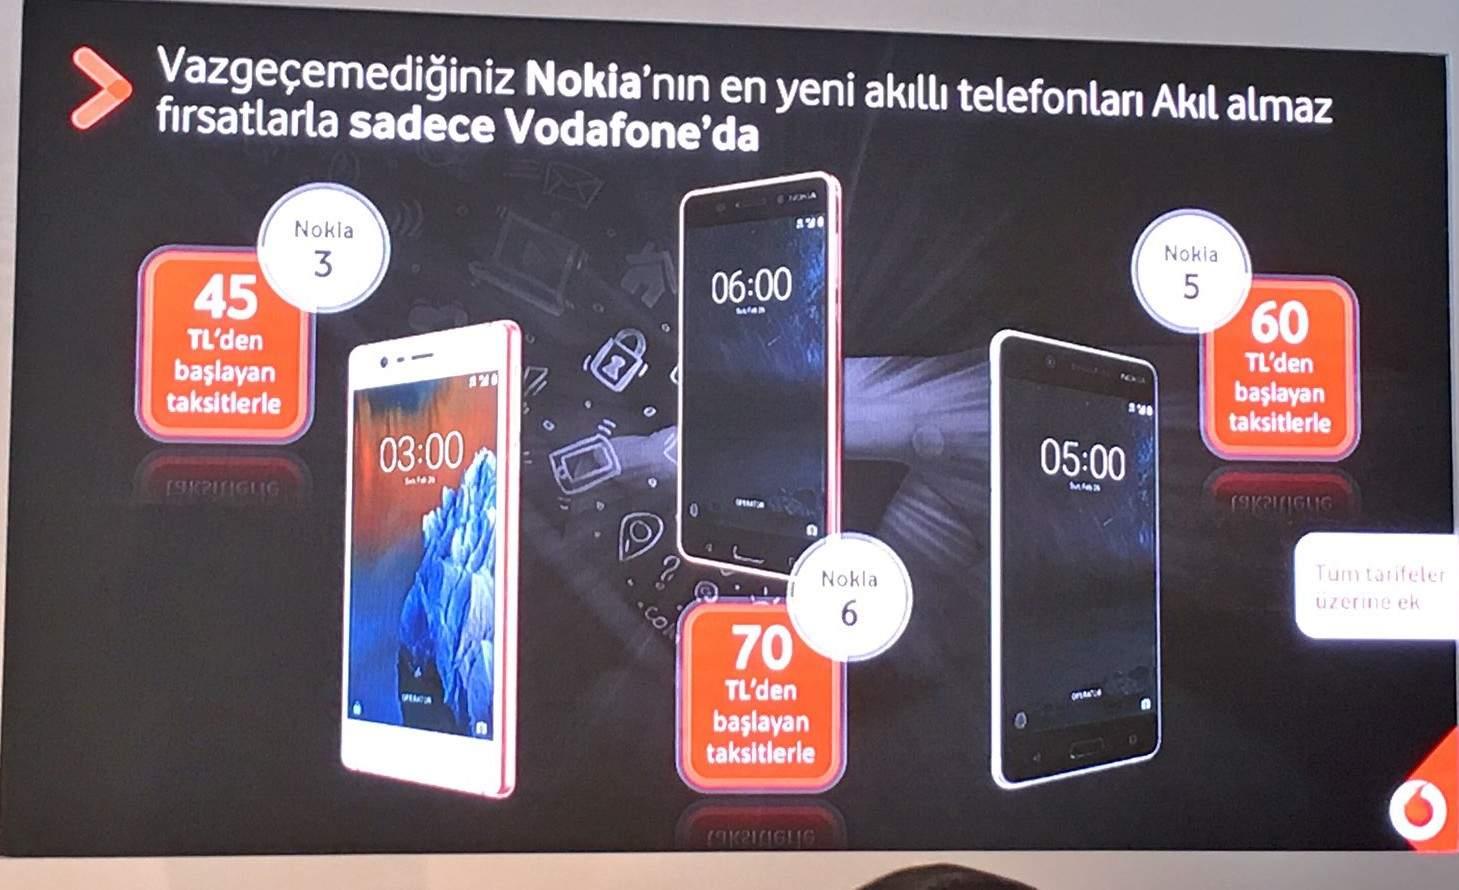 Nokia akıllı telefonlar 3 ay boyunca sadece Vodafone'da satılacak